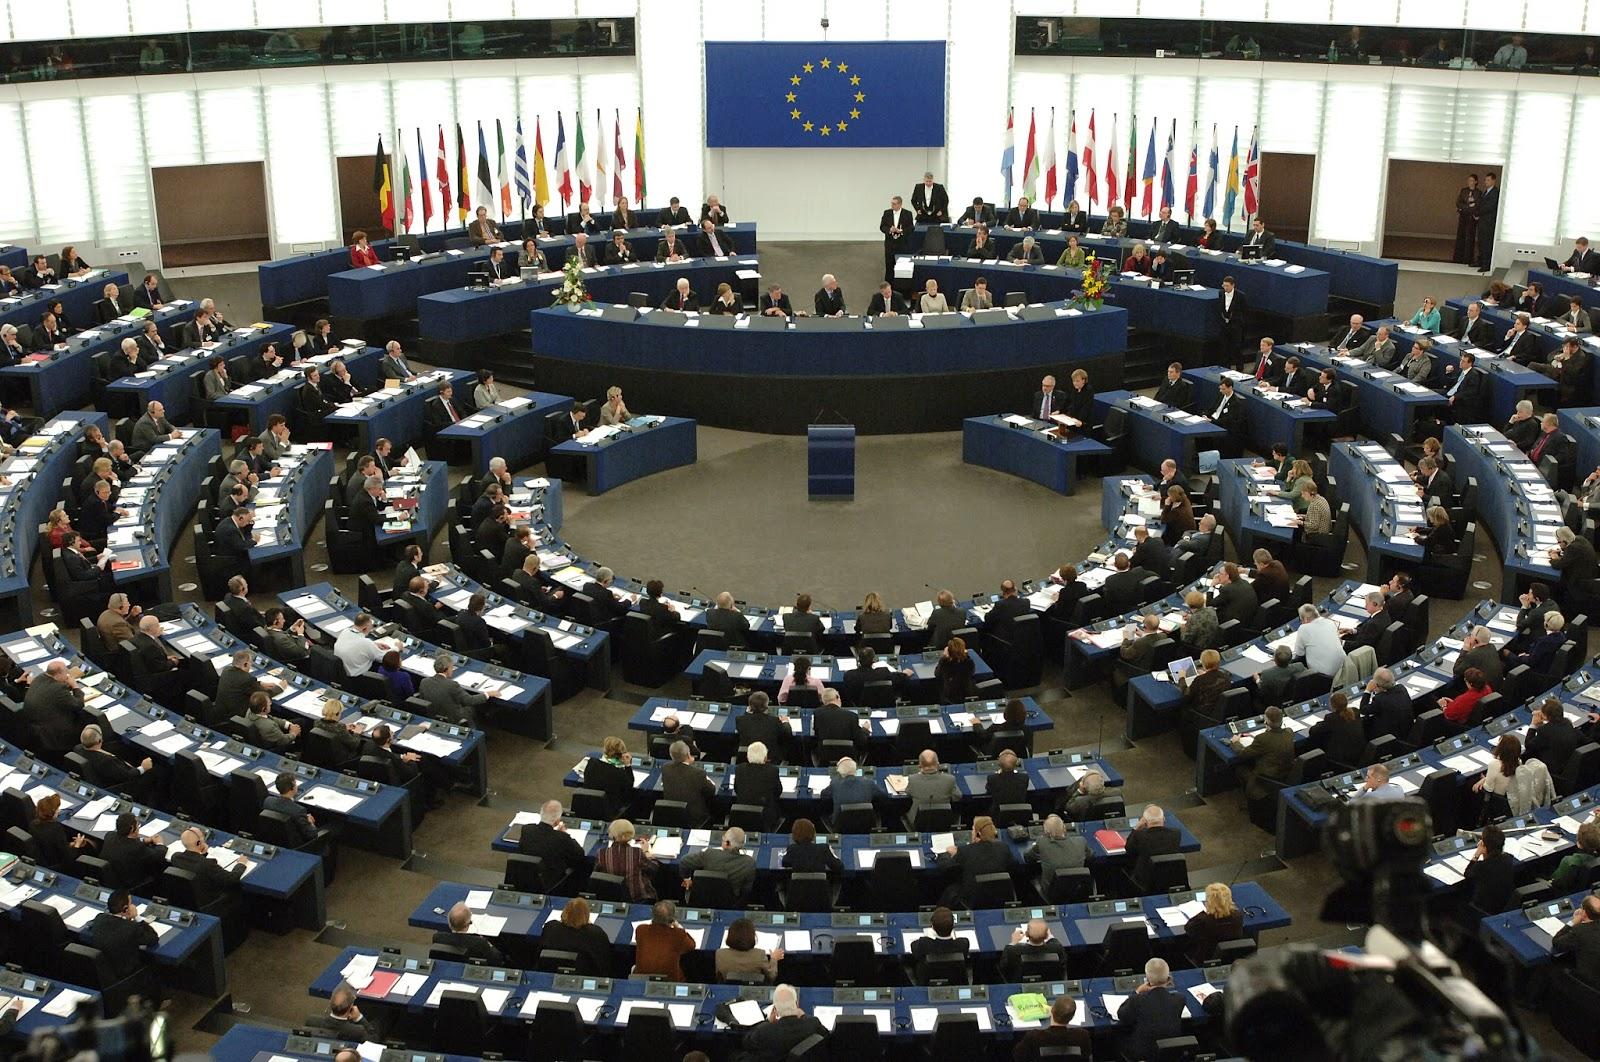 Европейская комиссия призывает государство Украину отменить е-декларирования для публичных компаний